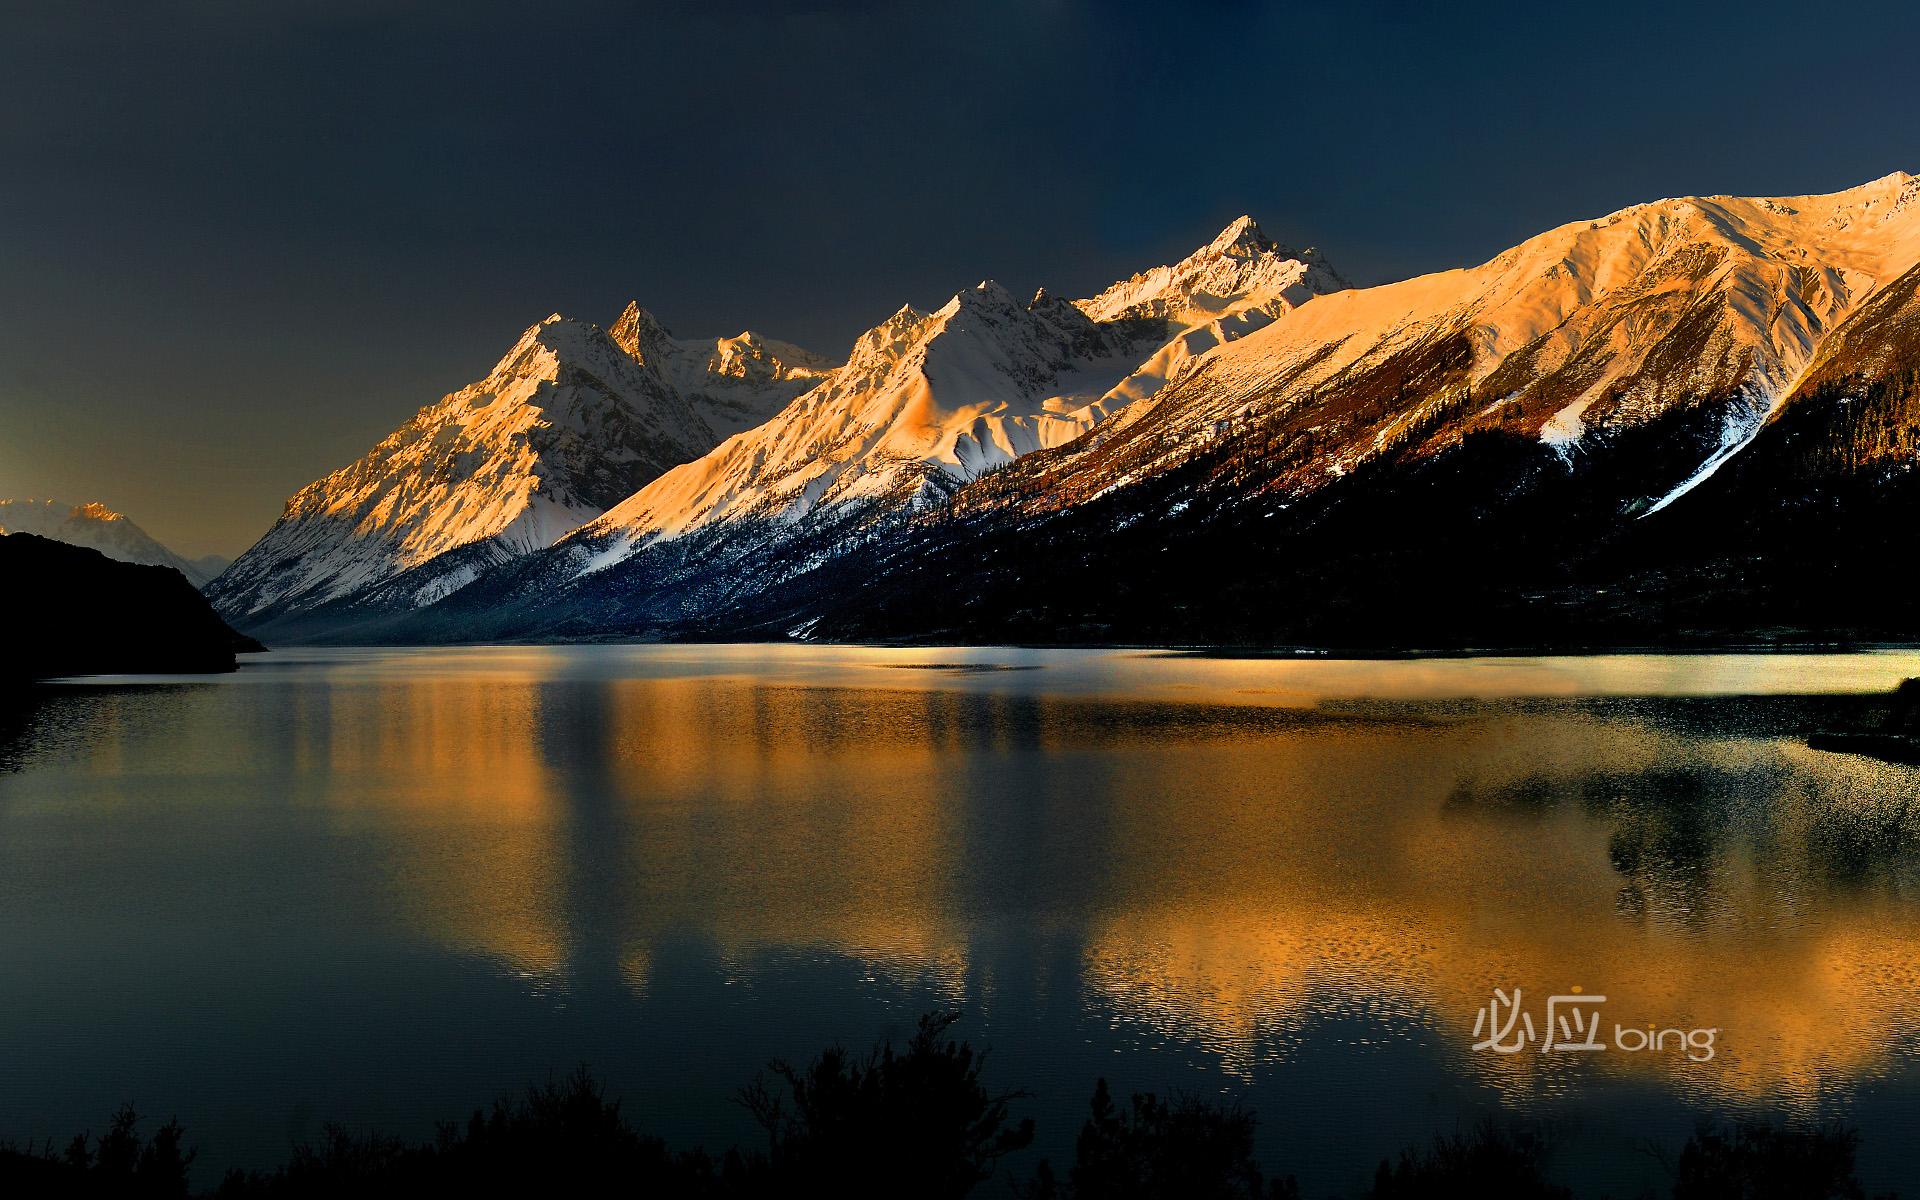 Ranwu Lake in Tibet HQ Wallpapers 1920x1200